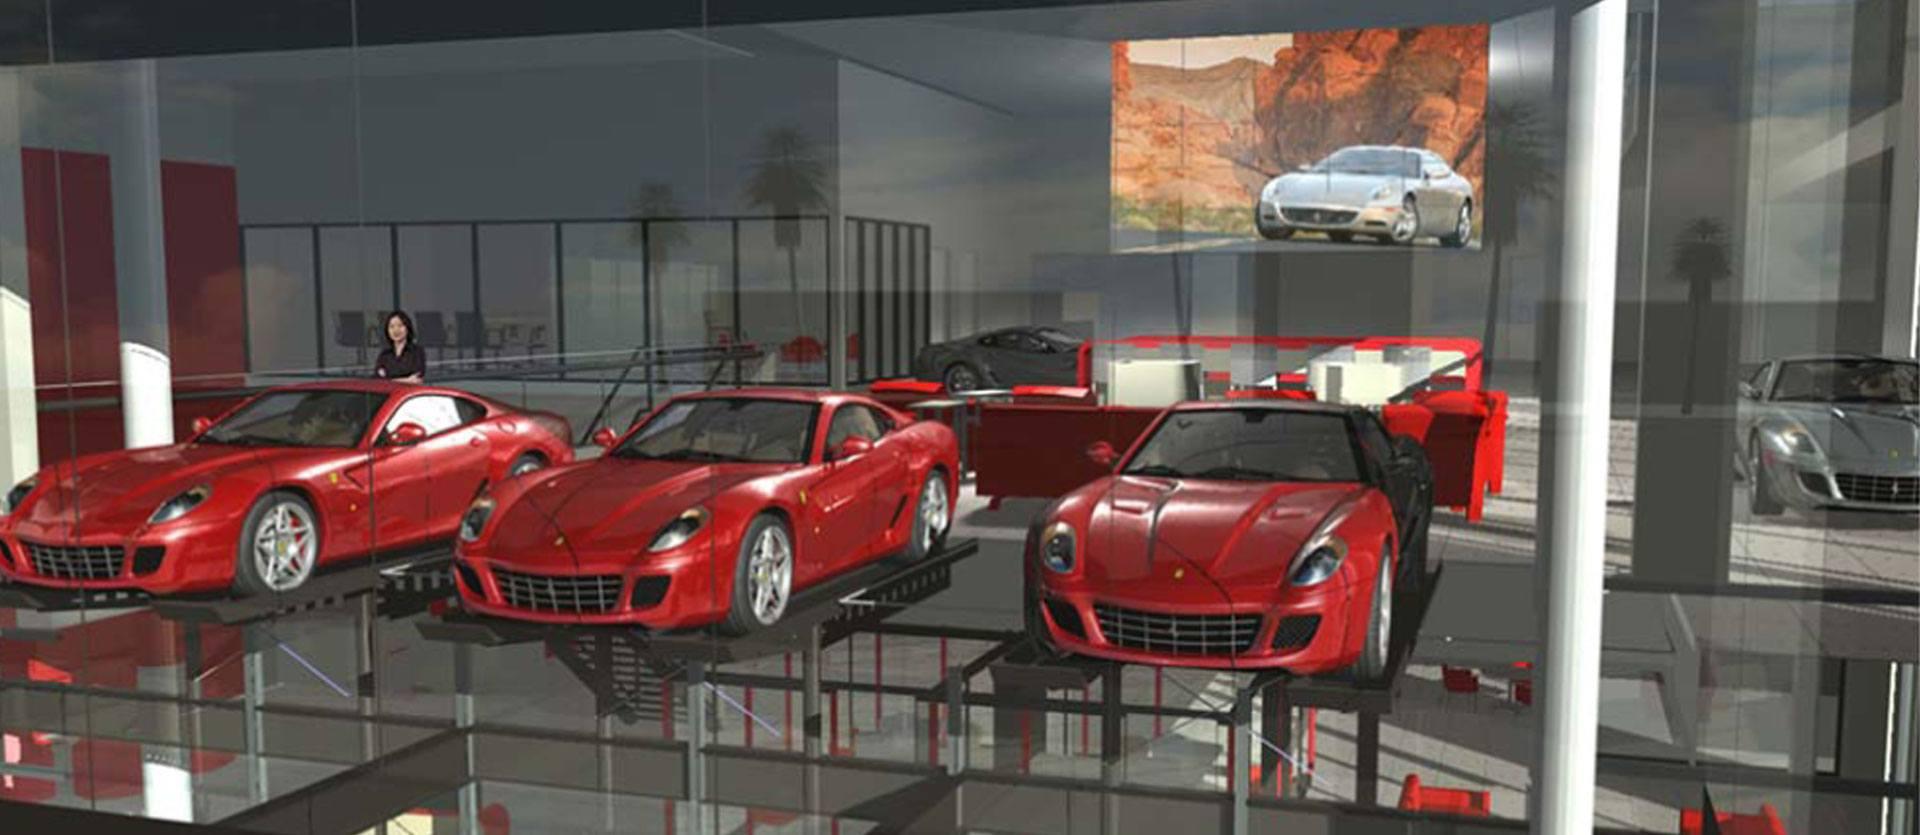 FerrariInterior01_1920x835